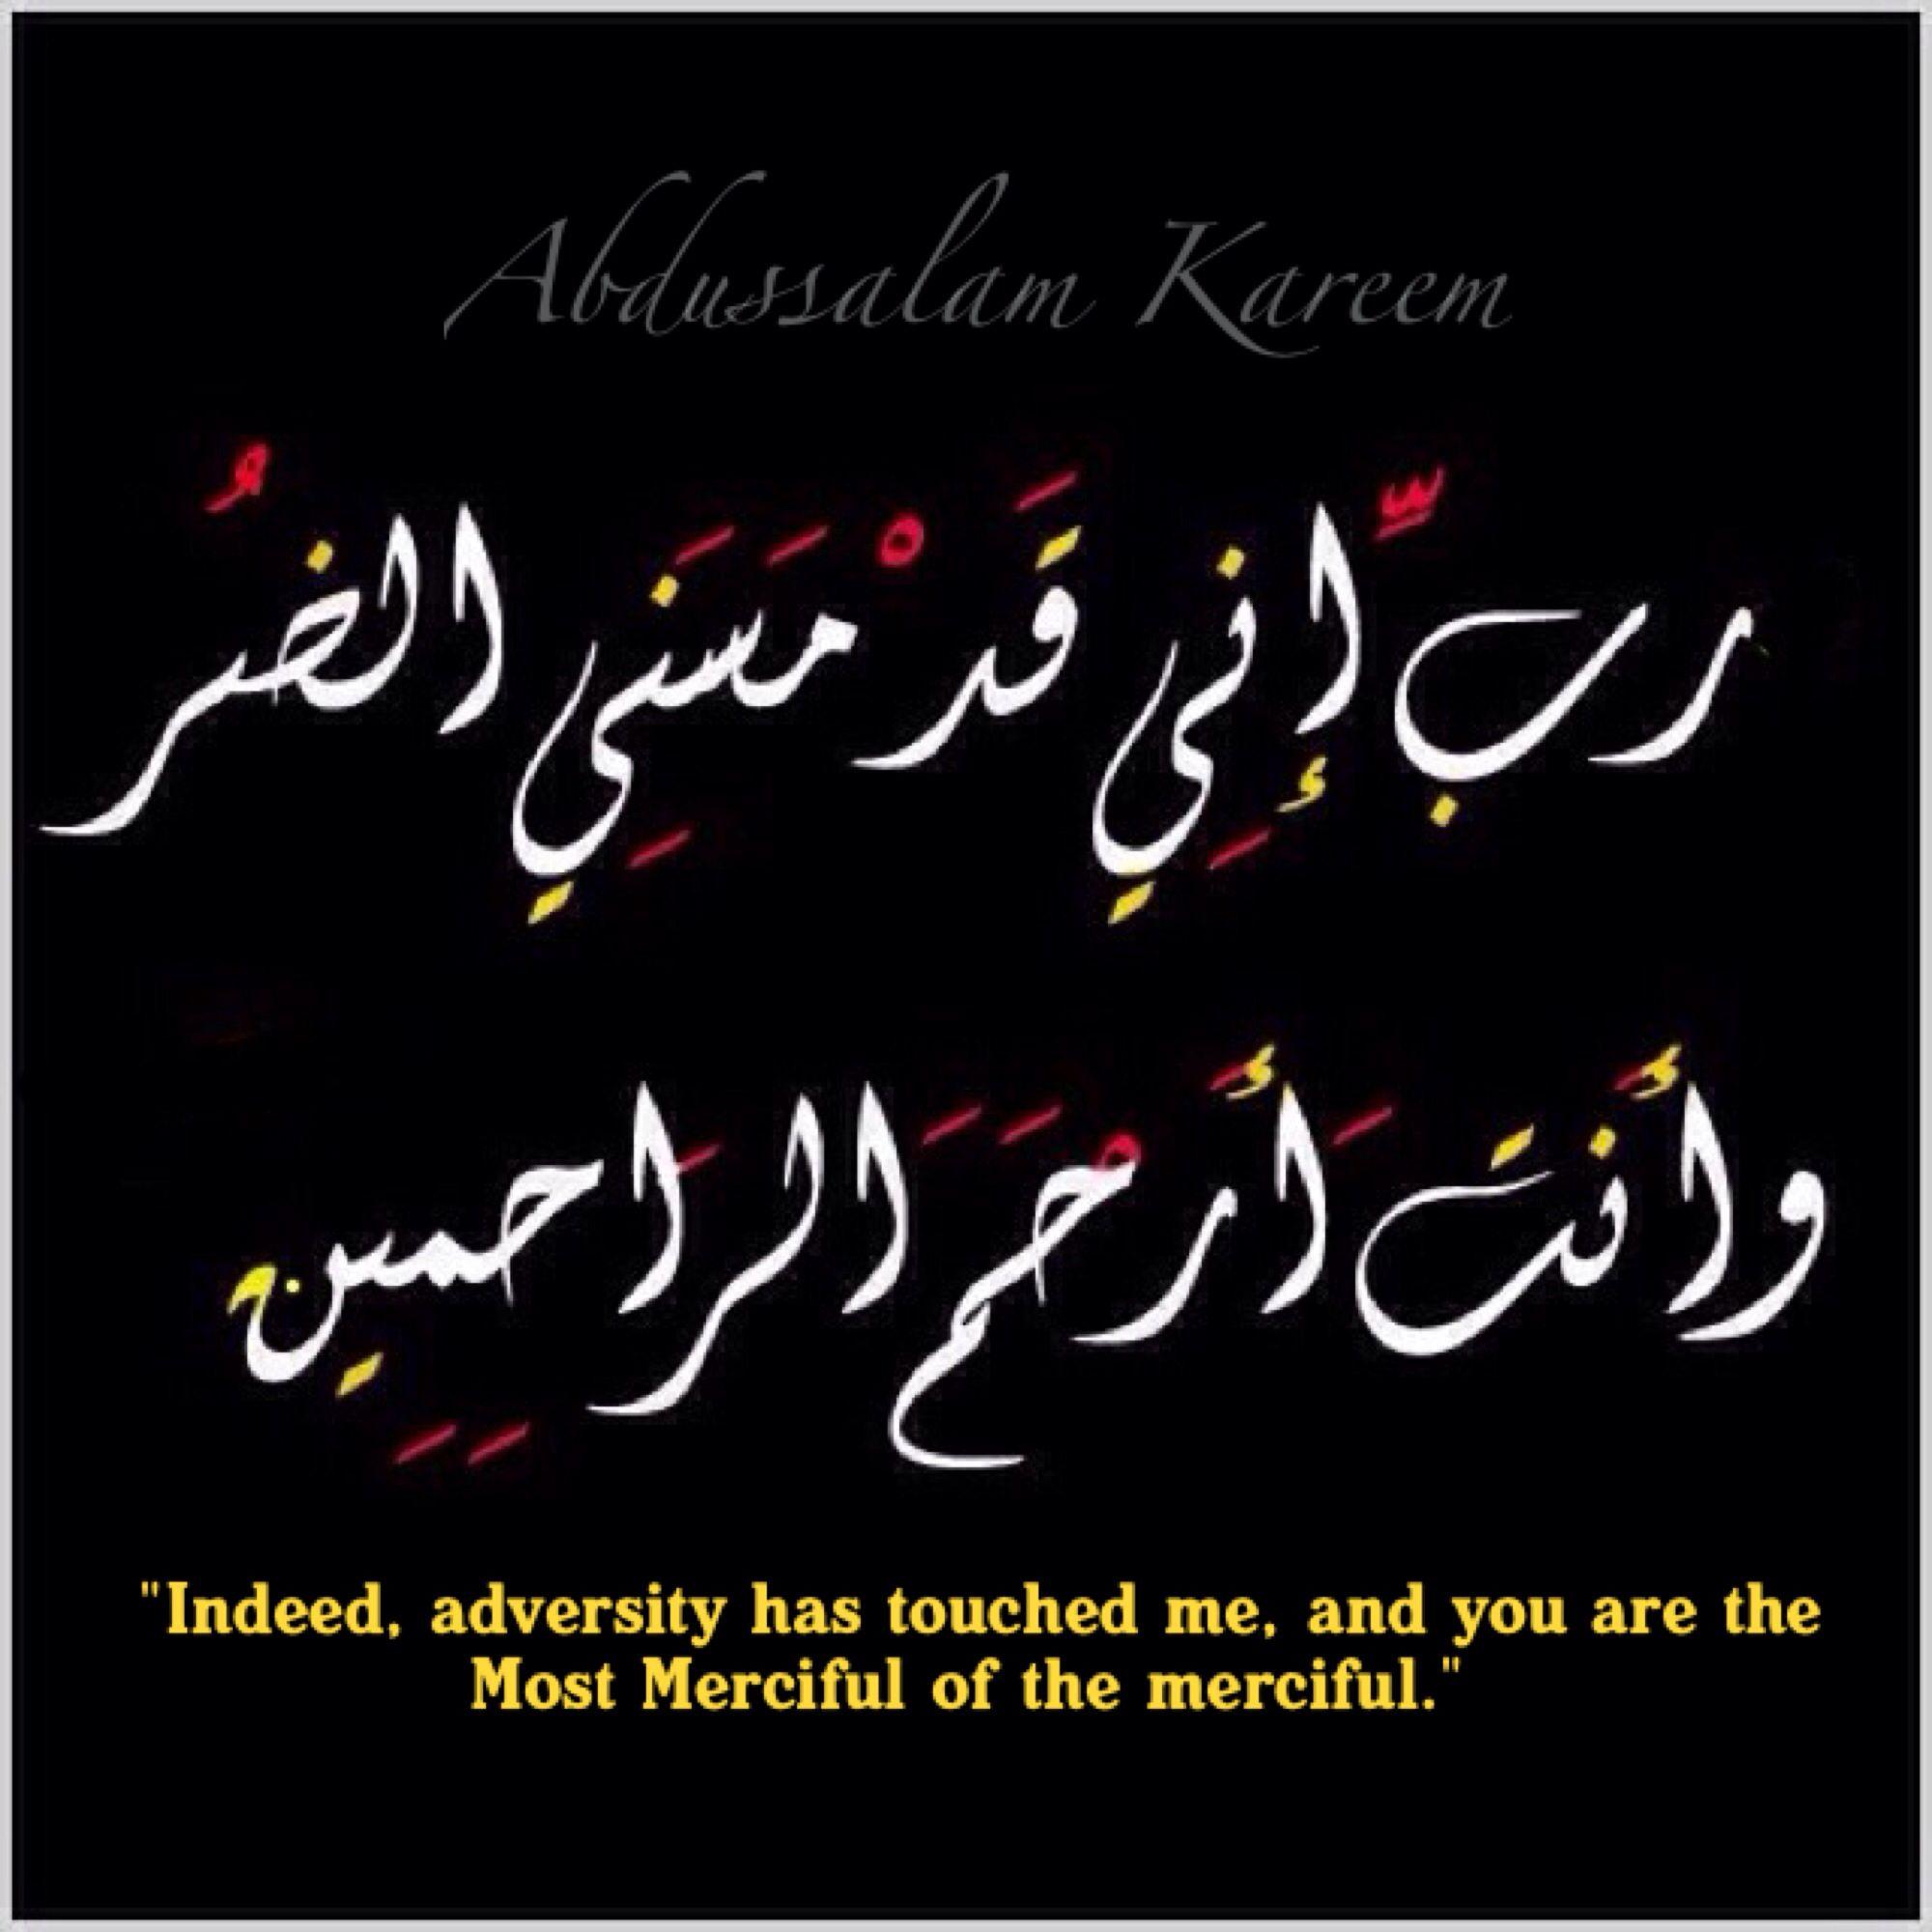 دعاء أيوب عليه السلام عند المرض Quran Verses Beautiful Arabic Words Holy Quran